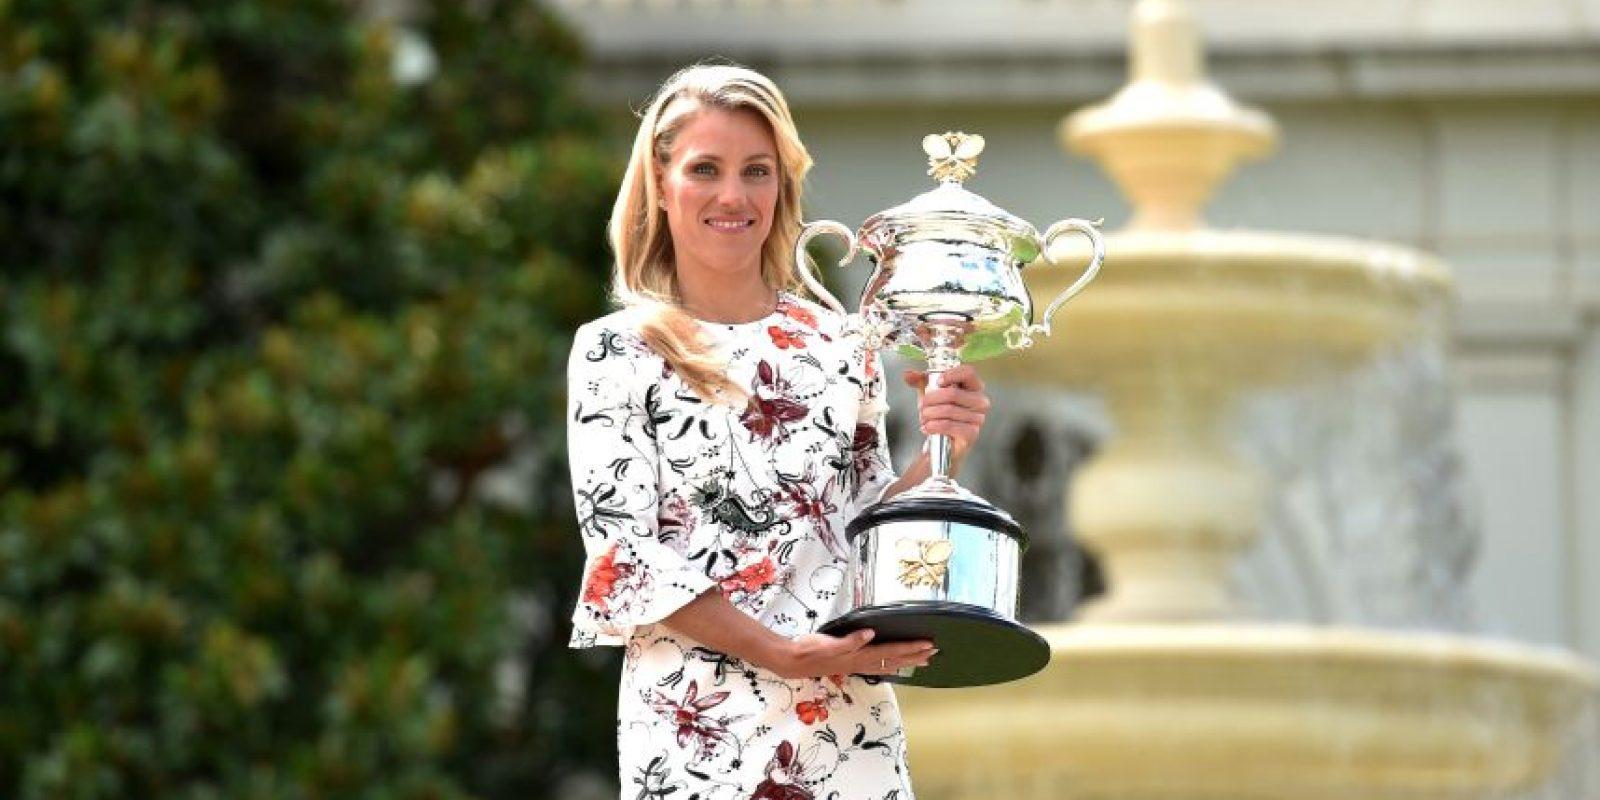 La tenista alemana muestra el trofeo que ganó. Foto:AFP